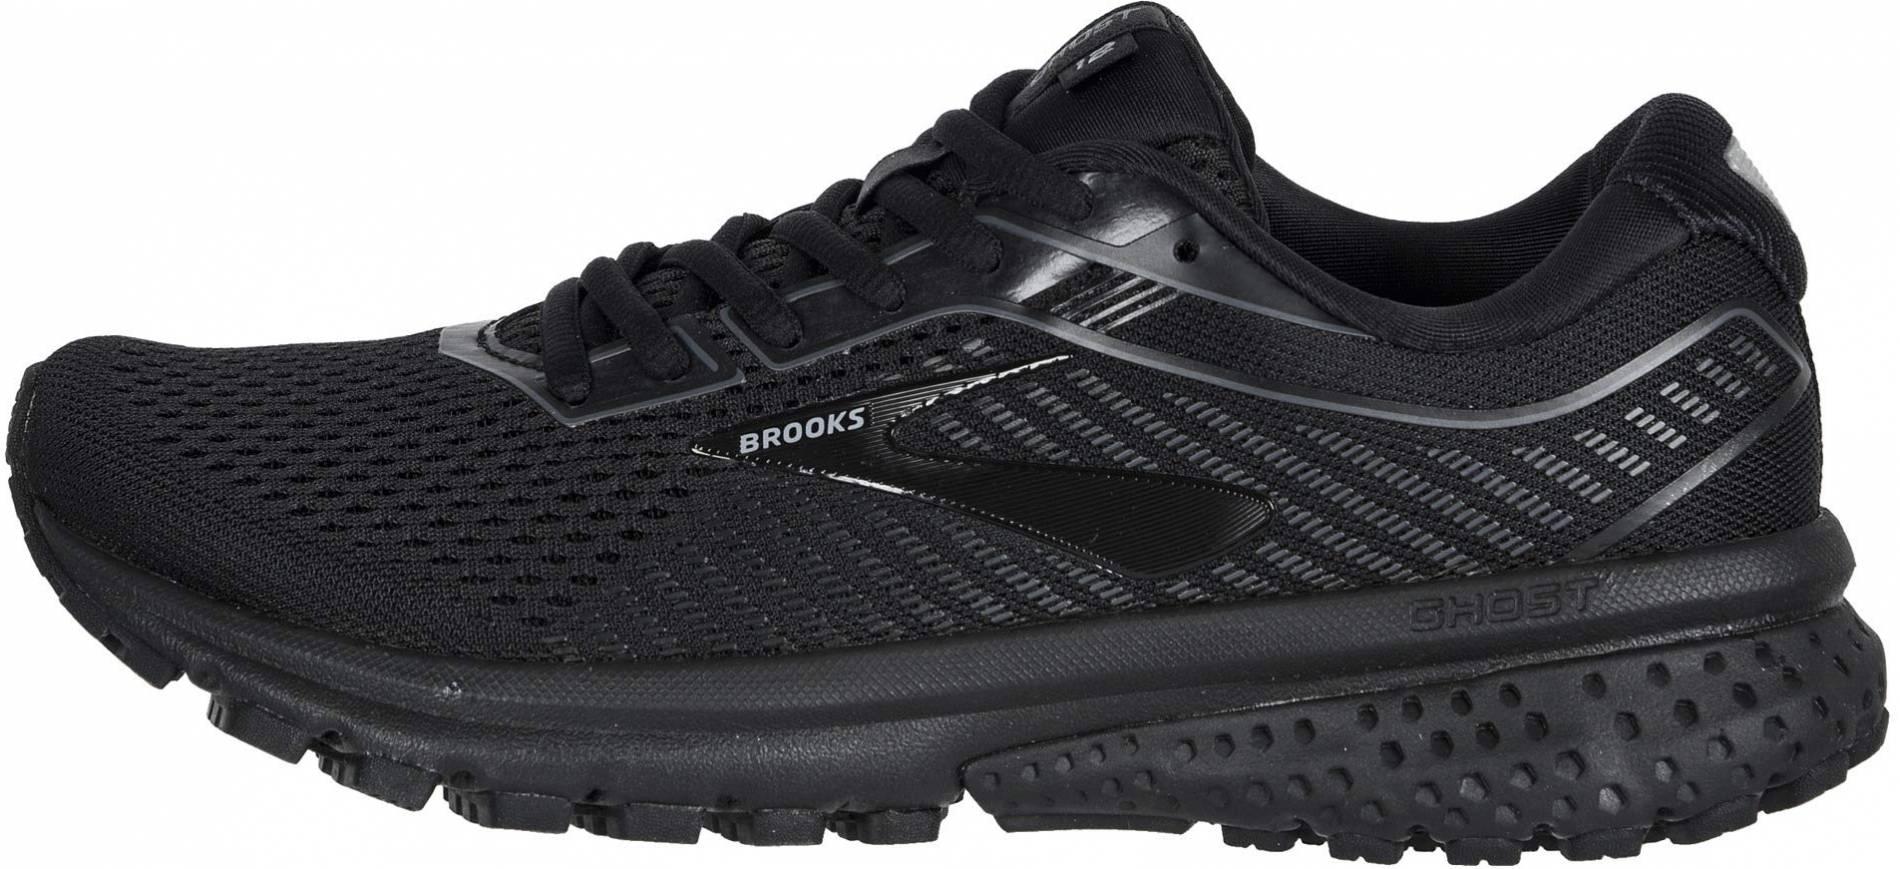 best brooks shoes